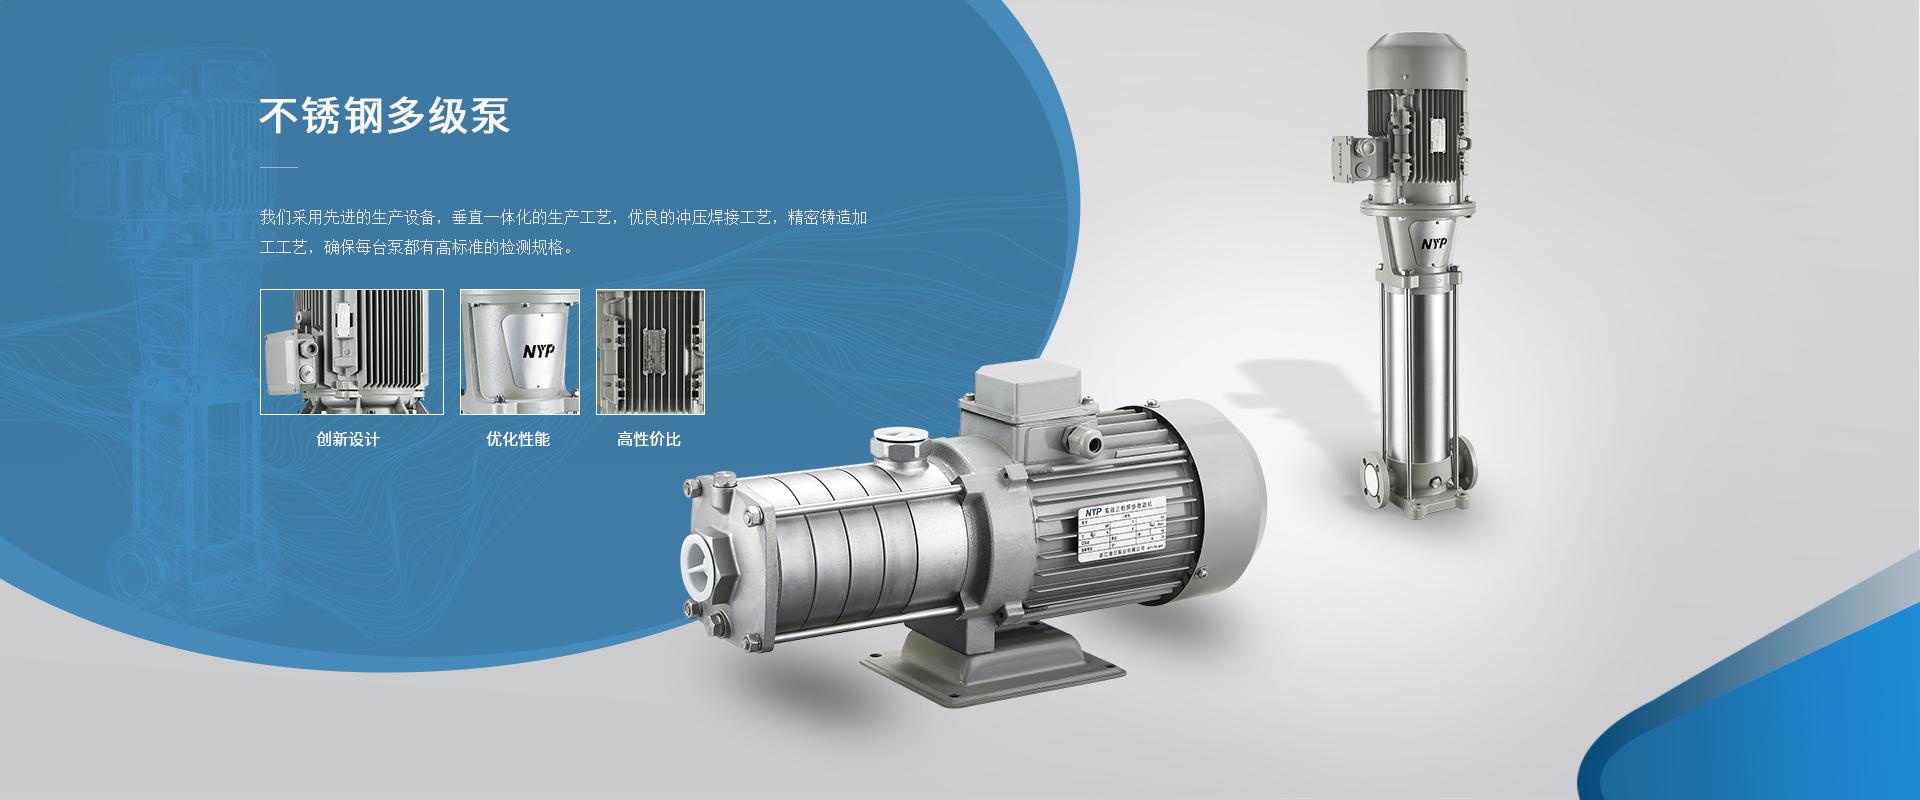 立式多级离心泵,不锈钢离心泵,管道循环泵